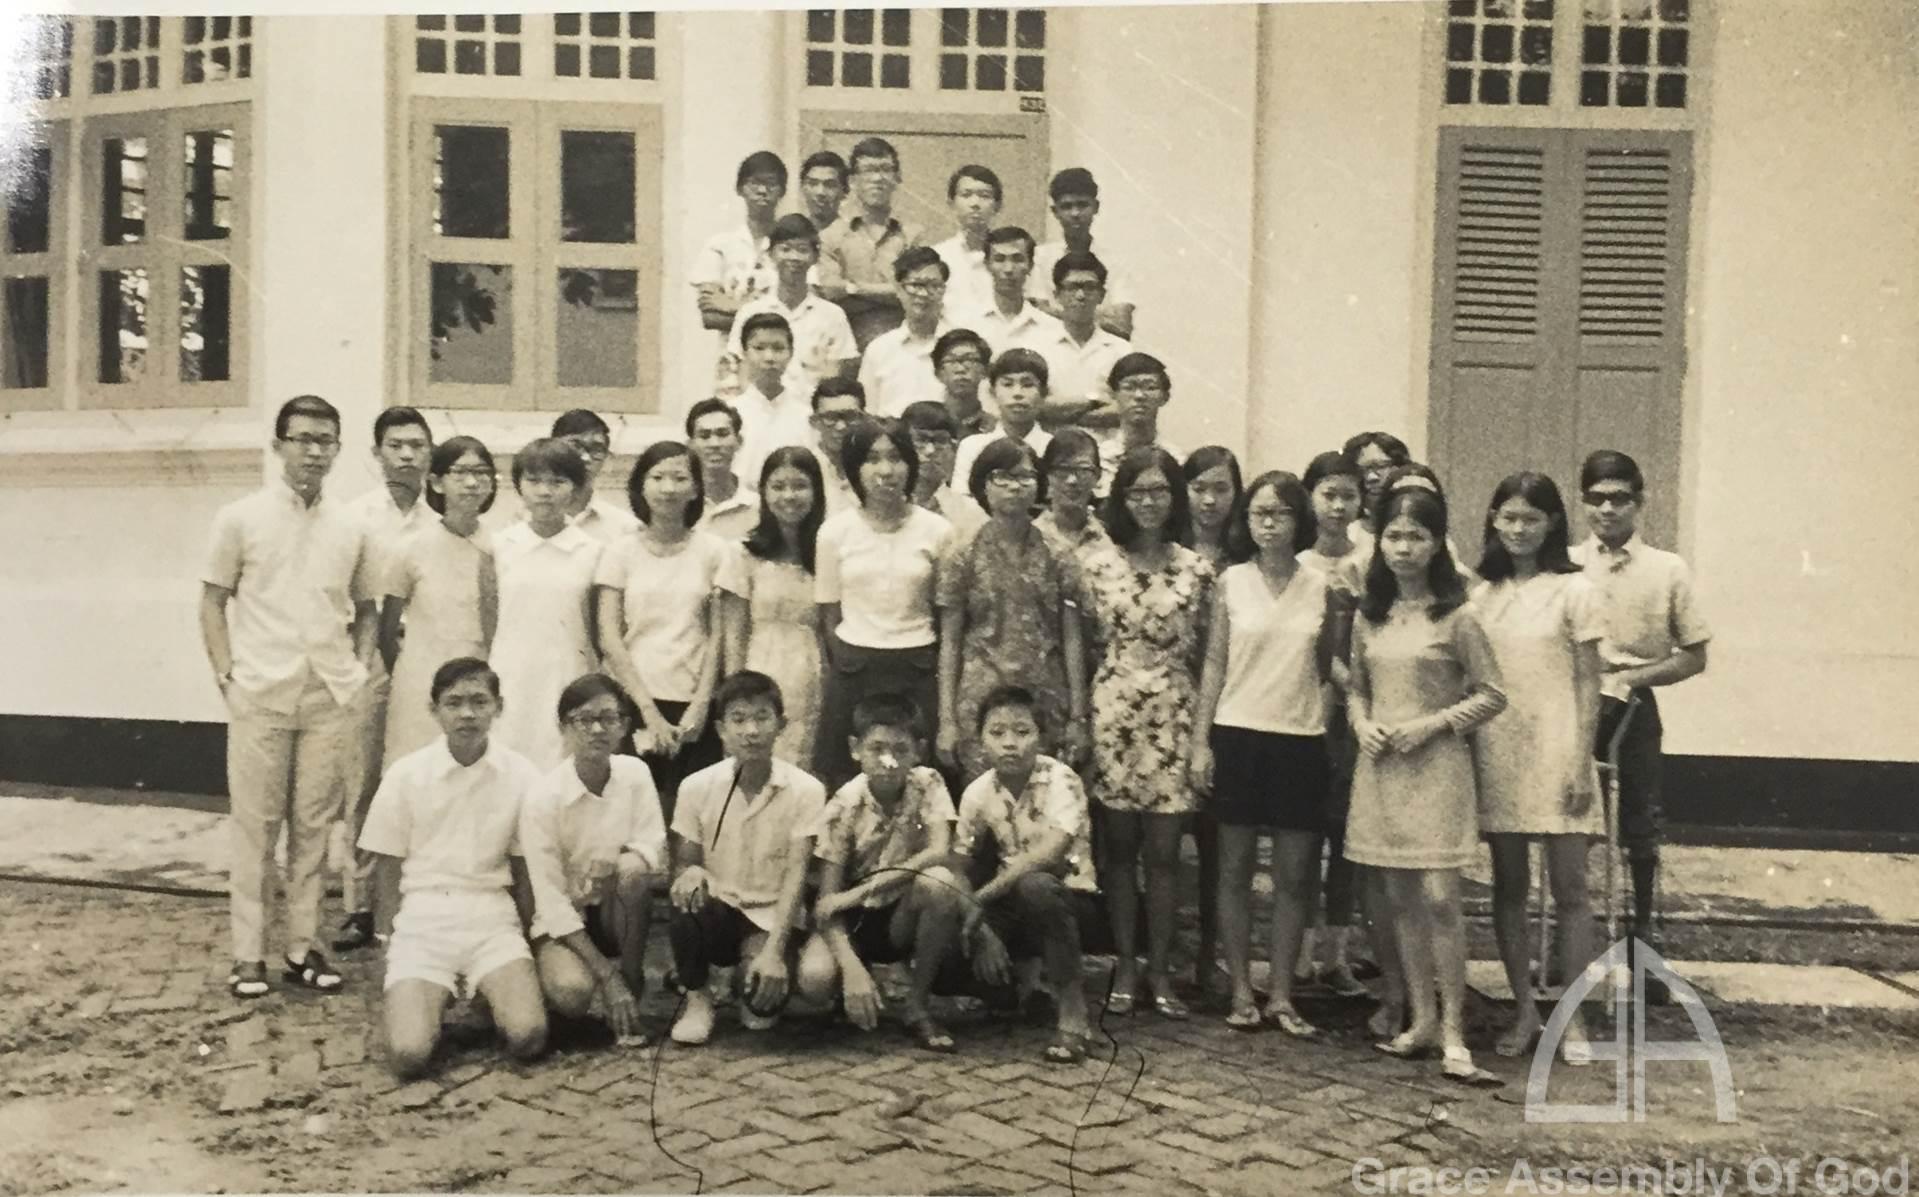 GRACE CA Camp @Bukit Panjang Government Bungalow 11 Nov 1971